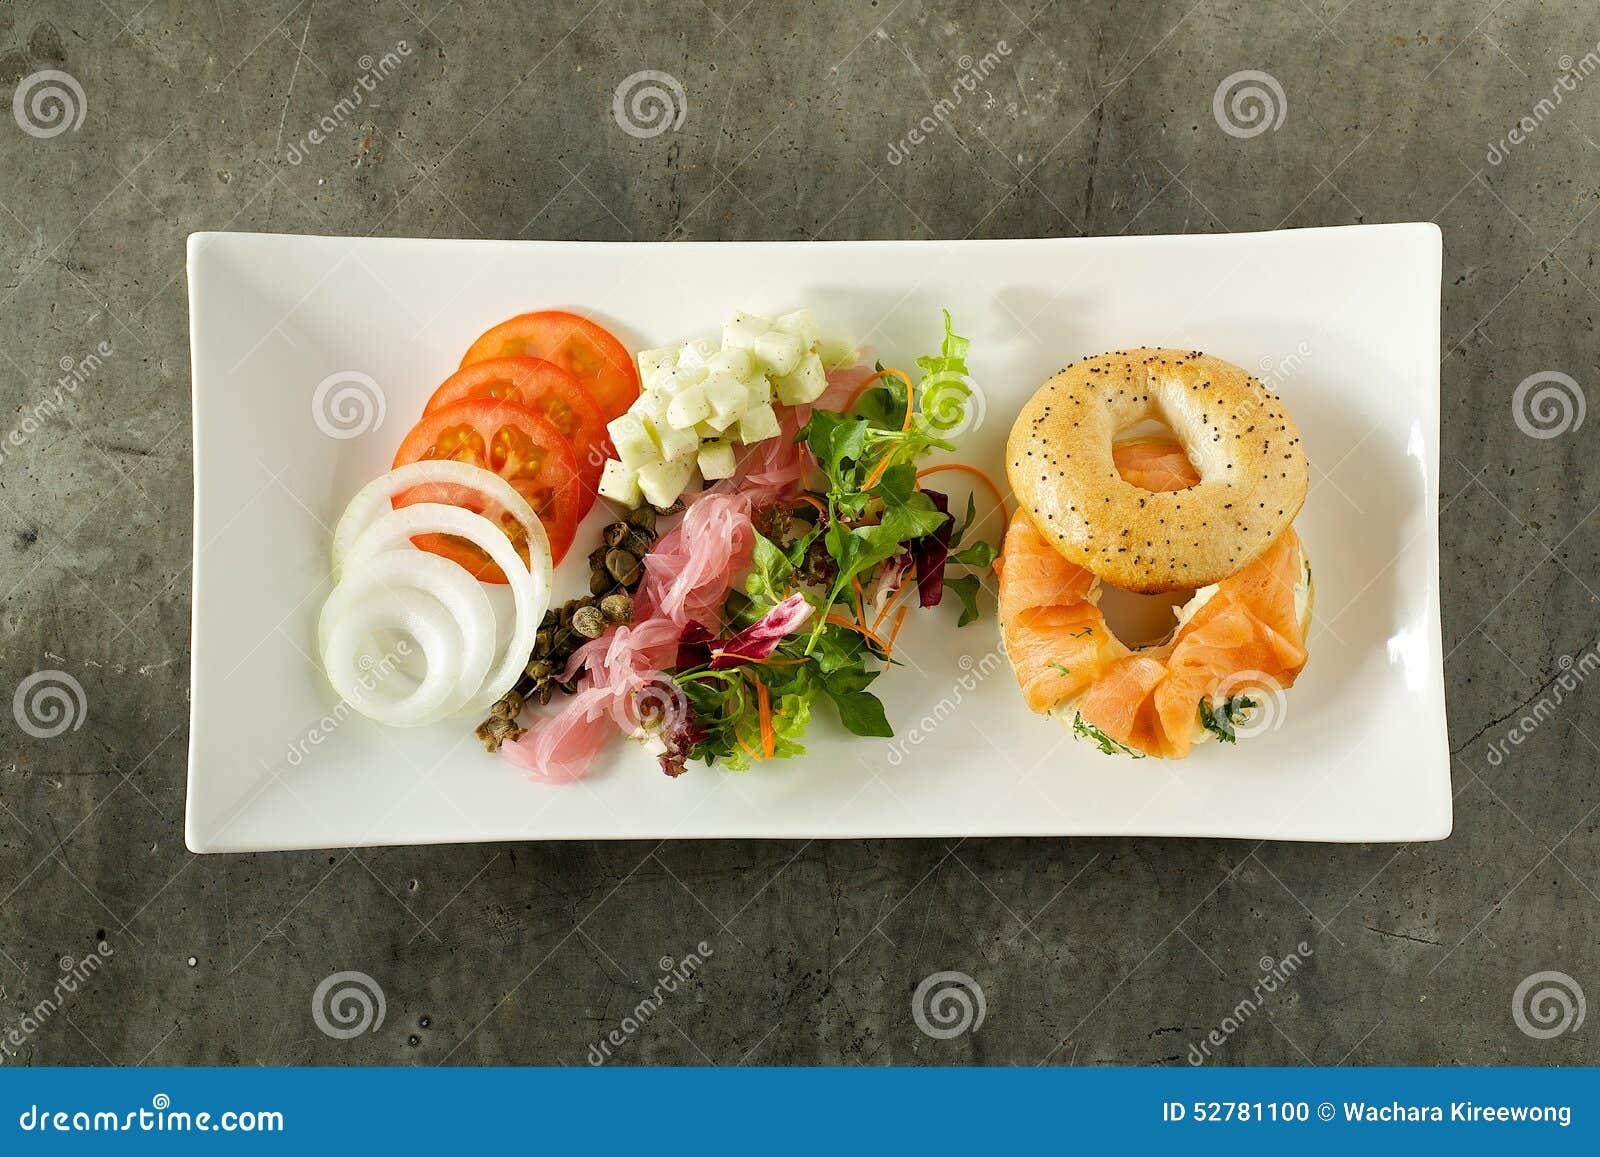 Smoke salmon with salad